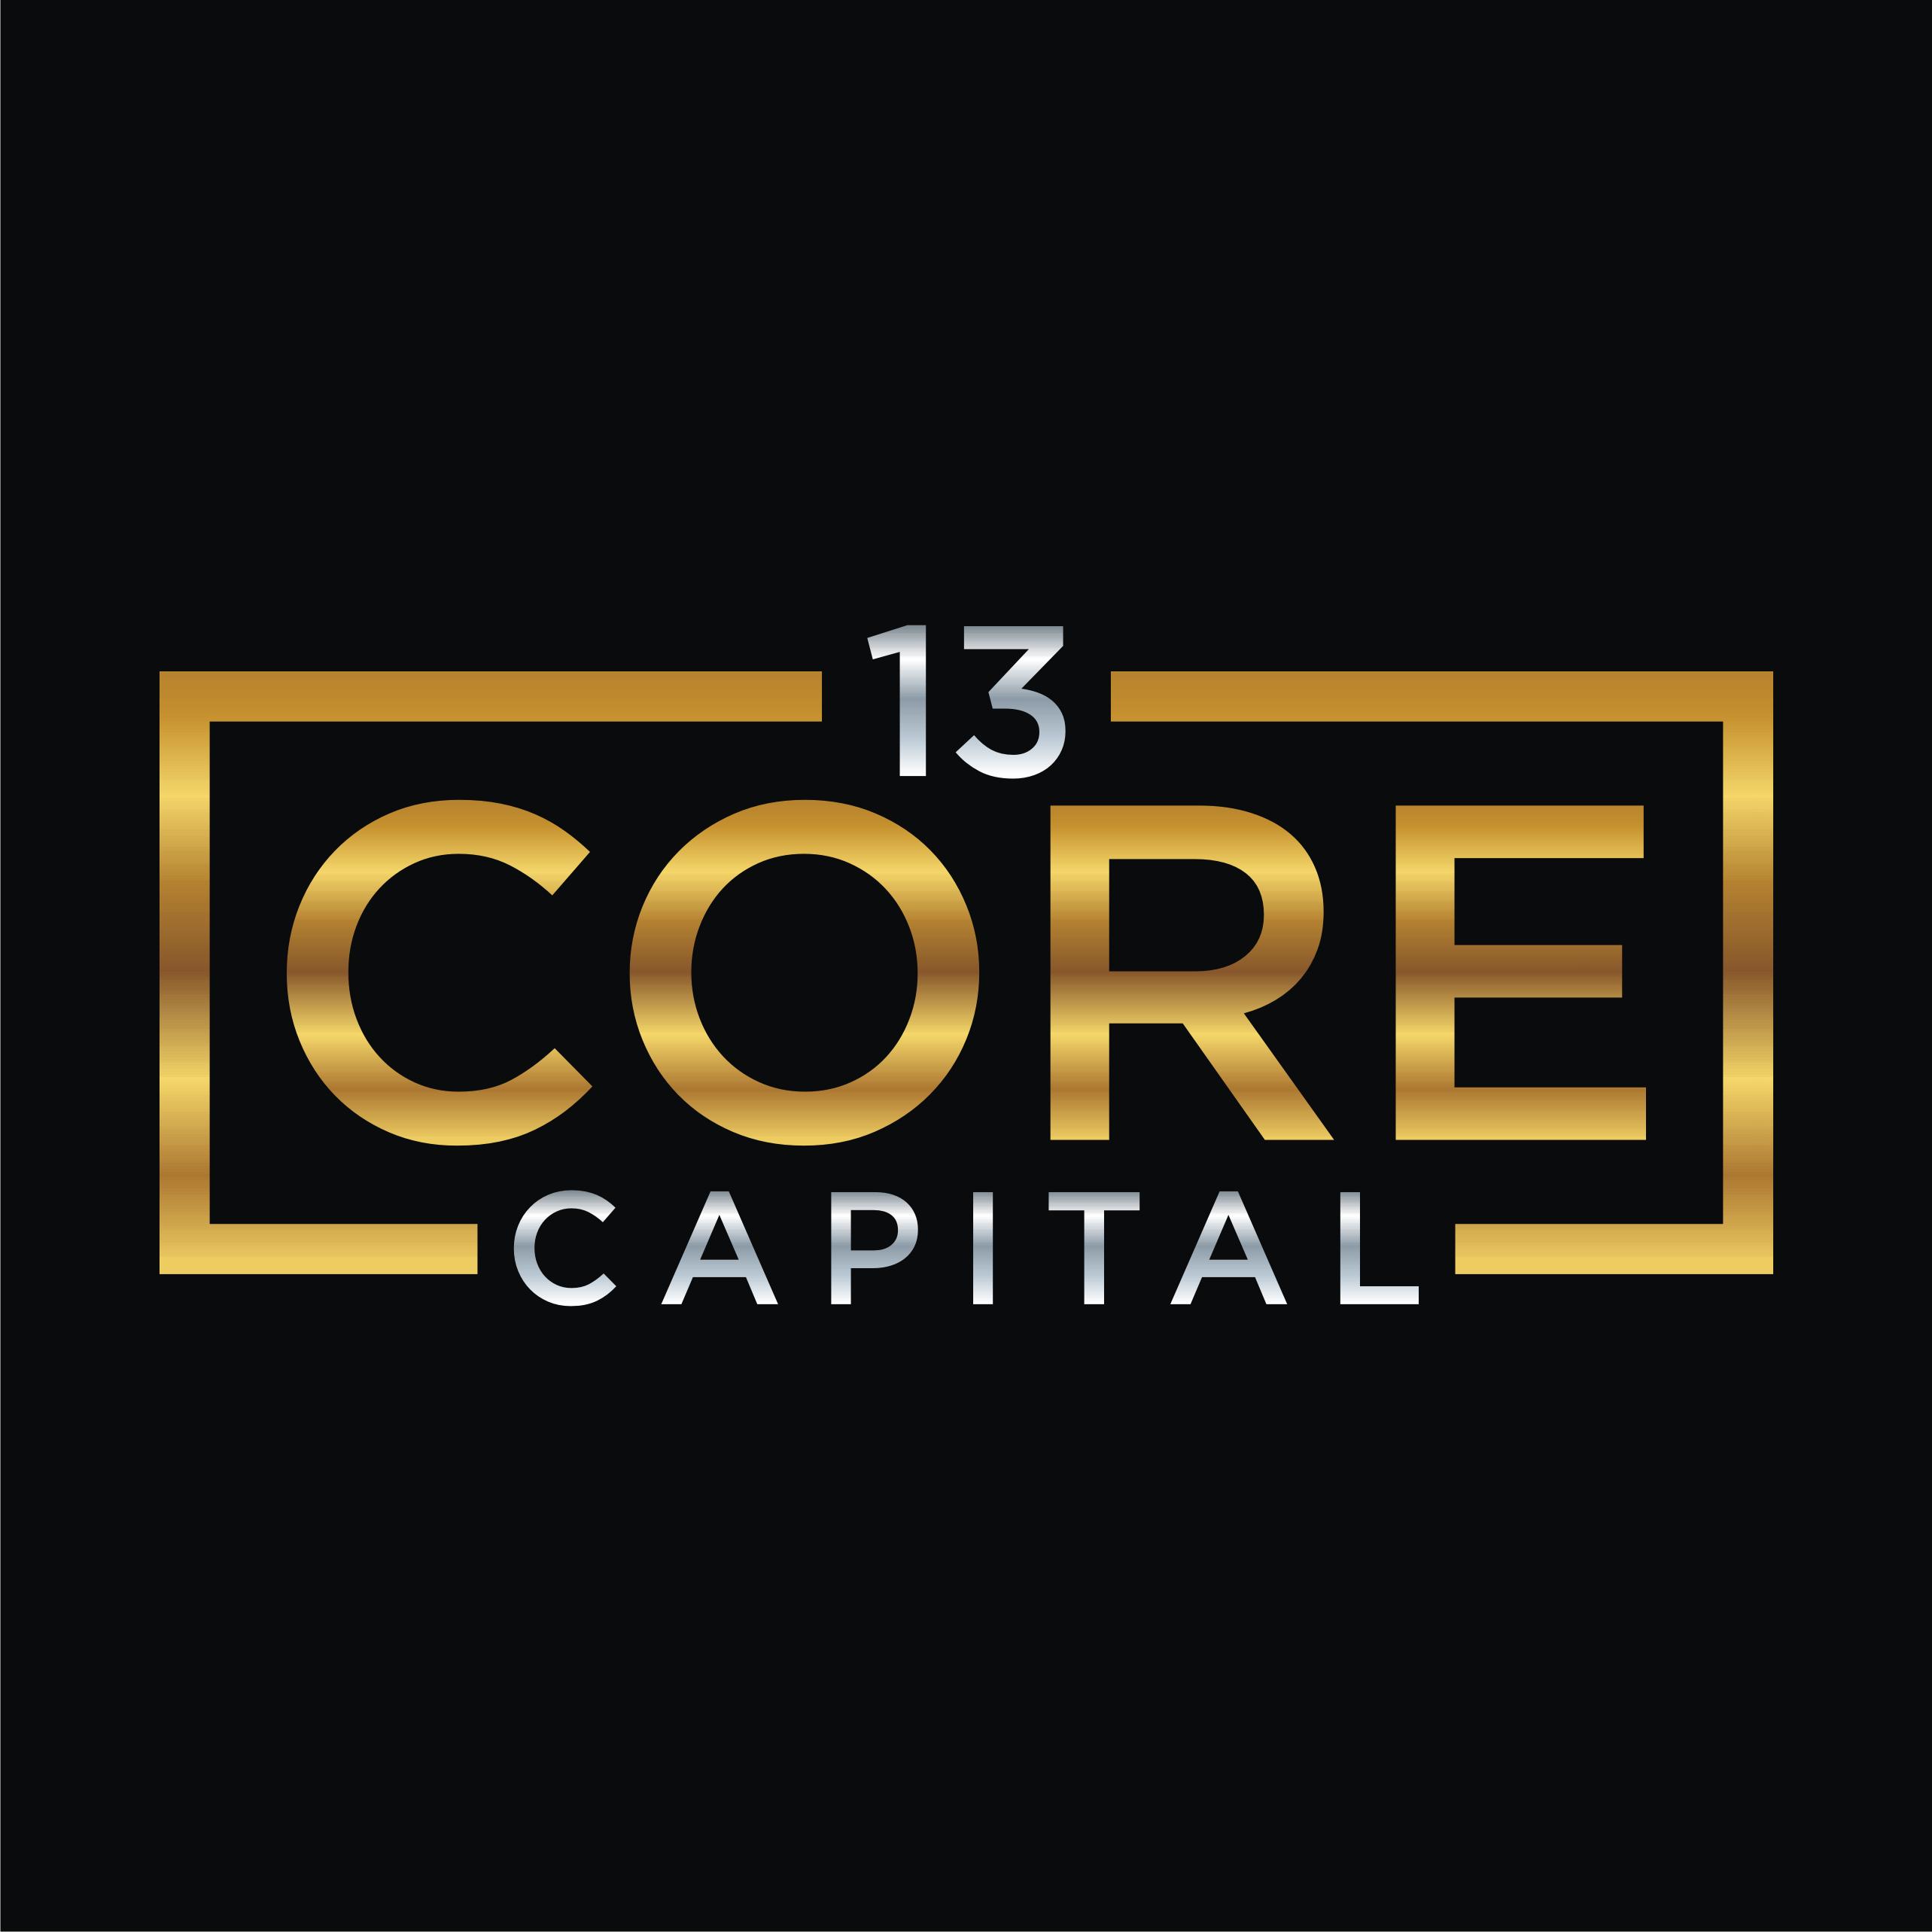 13 Core Capital